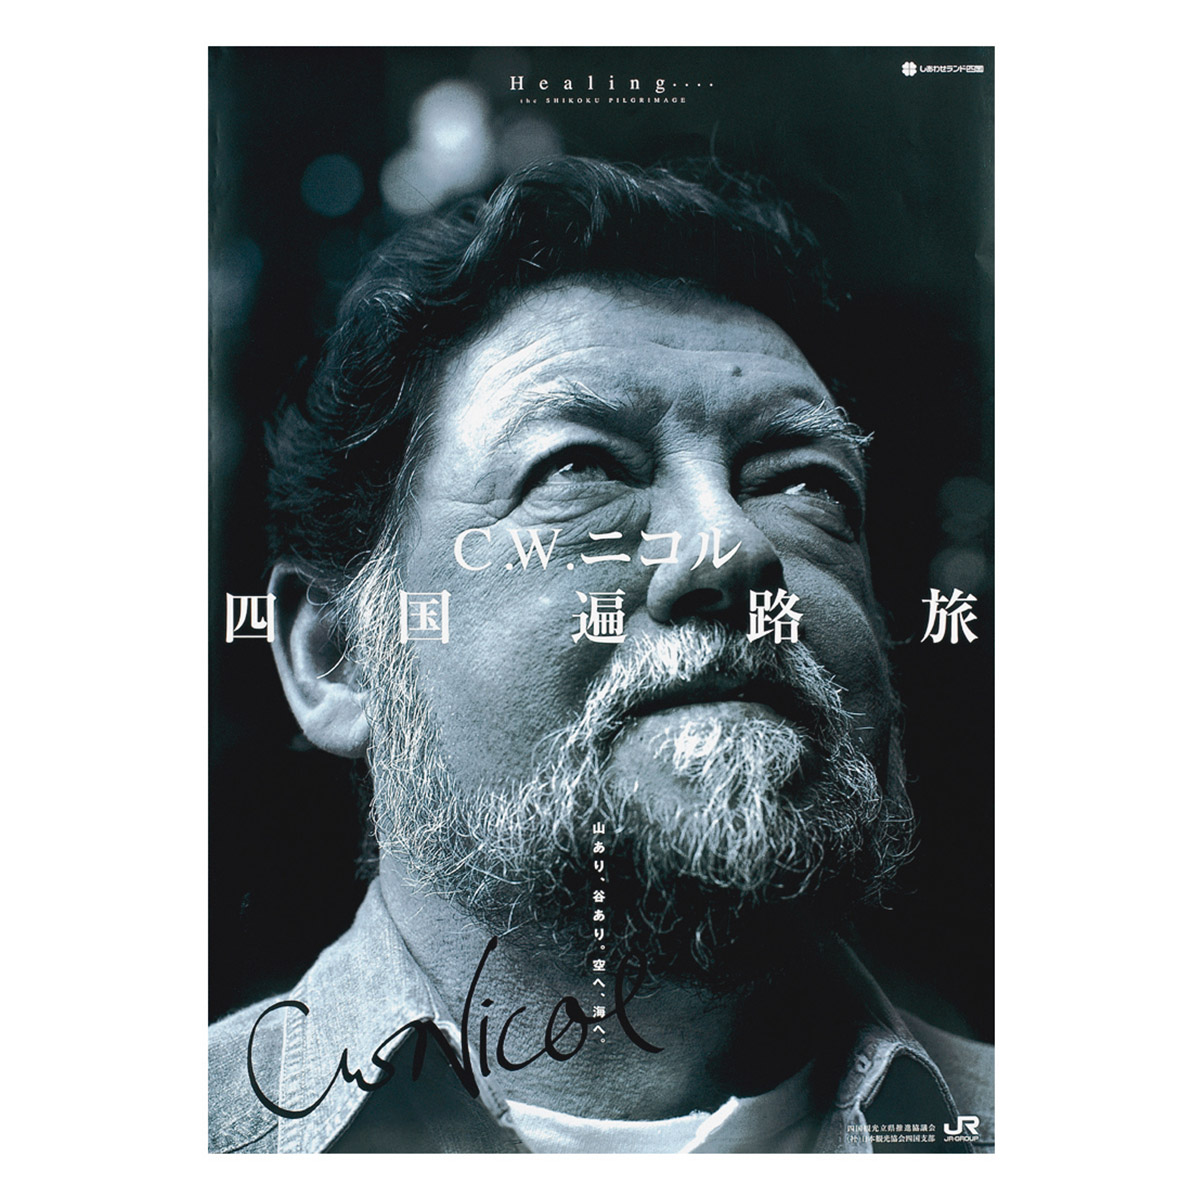 四国観光立県推進協議会 観光誘致ポスター